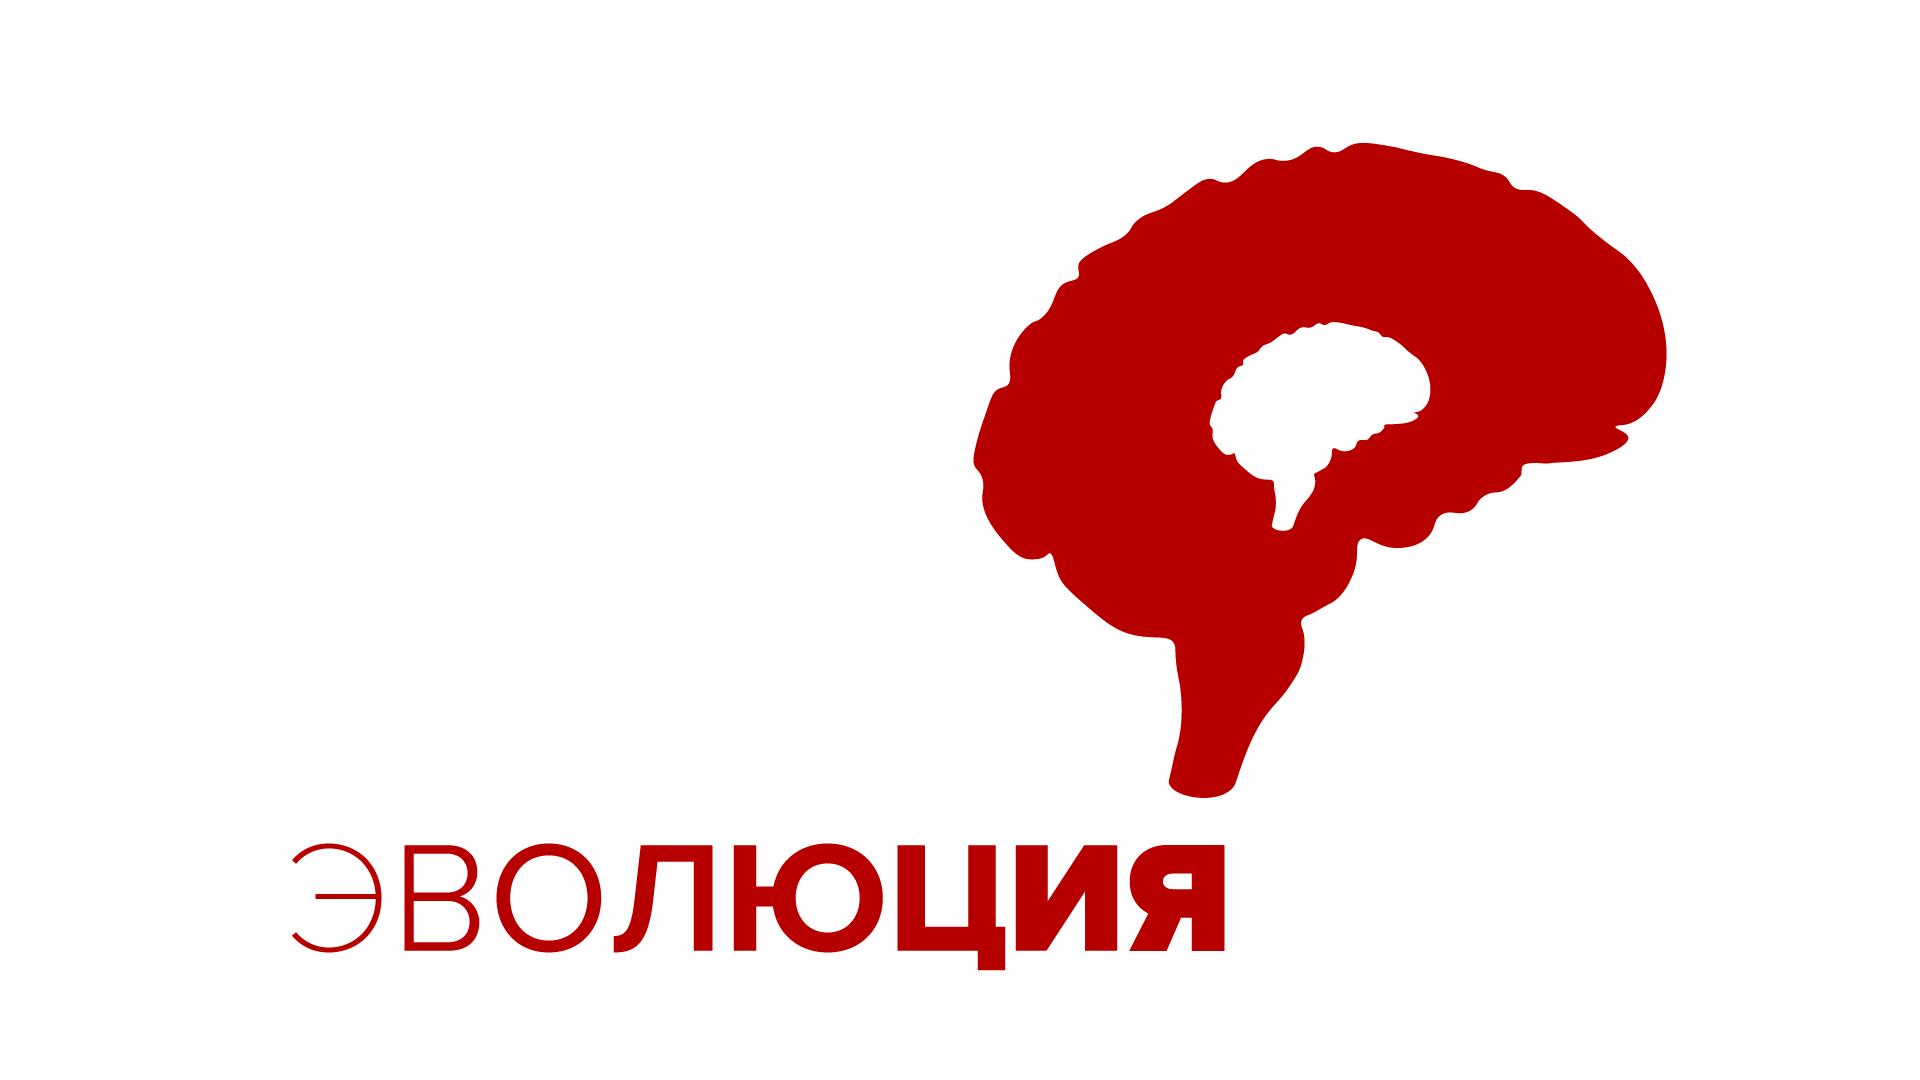 Разработать логотип для Онлайн-школы и сообщества фото f_3345bc22af6b5c70.png